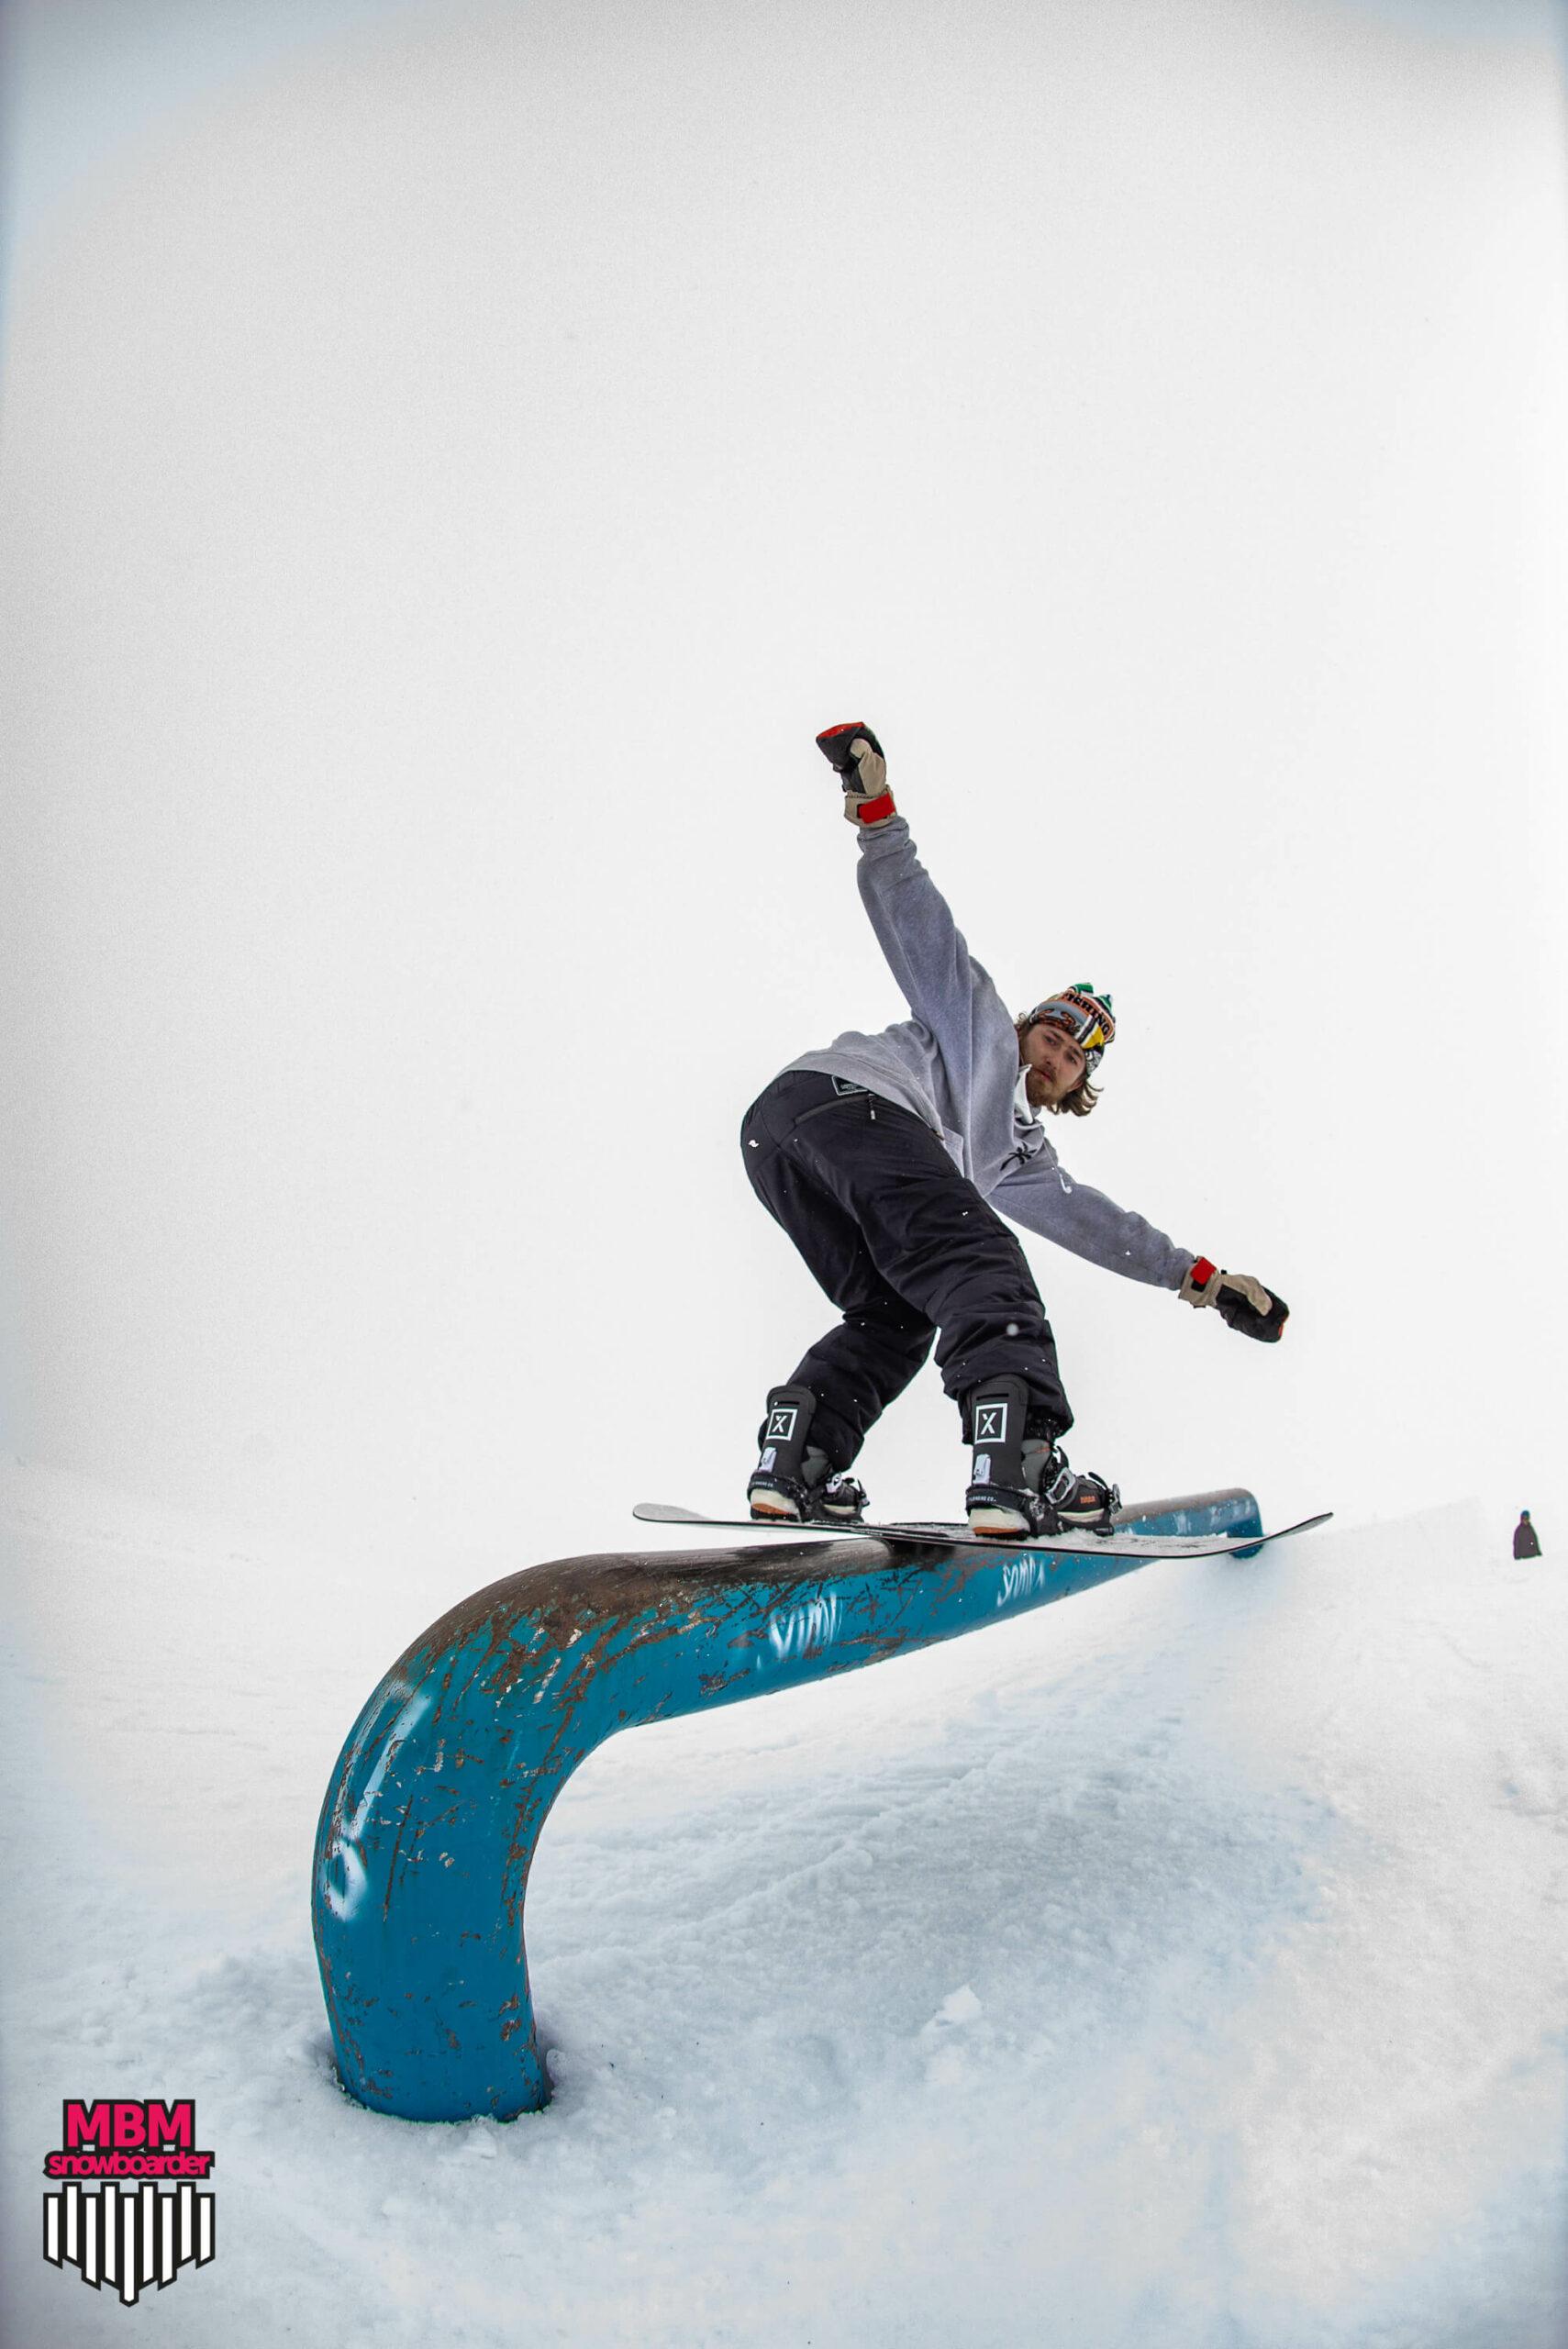 snowboarderMBM_sd_kaunertal_115